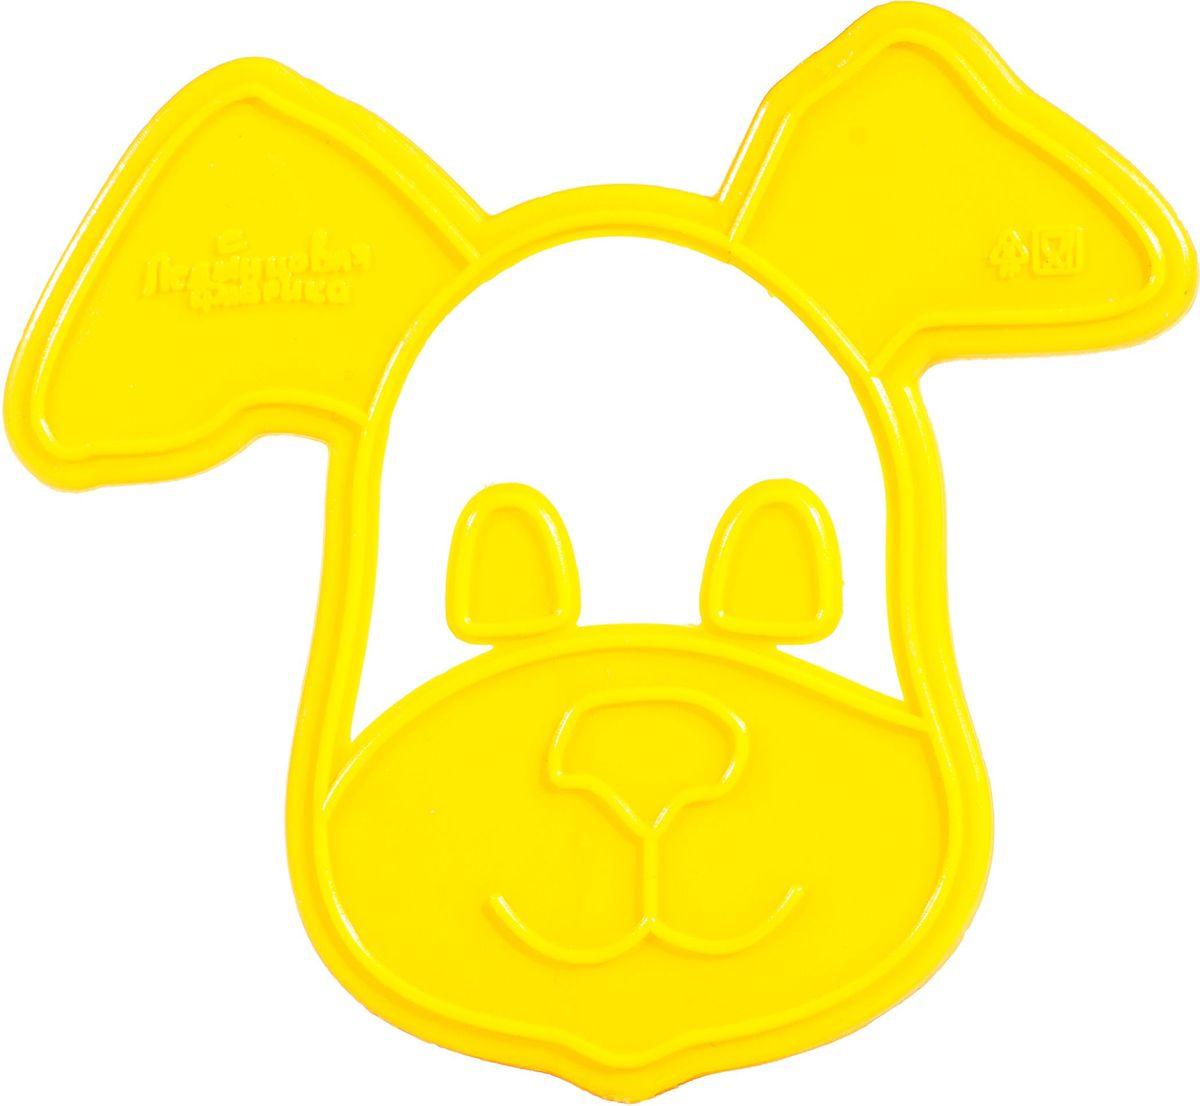 Форма для печенья Леденцовая фабрика Собачка, цвет: желтый,9 х 8 смВ06Форма предназначена для вырезания теста. Размер готового печенья: 9 х 8 см.Формочки для печенья поместите на предварительно раскатанное тесто иоттисните узор. Снимите форму, и вы увидите не только контур печенья, но икрасивый внутренний рисунок.Попробуйте украсить печенье уже поготовому рисунку. Печенье получается красочным и праздничным!Готовьте вместе с детьми!